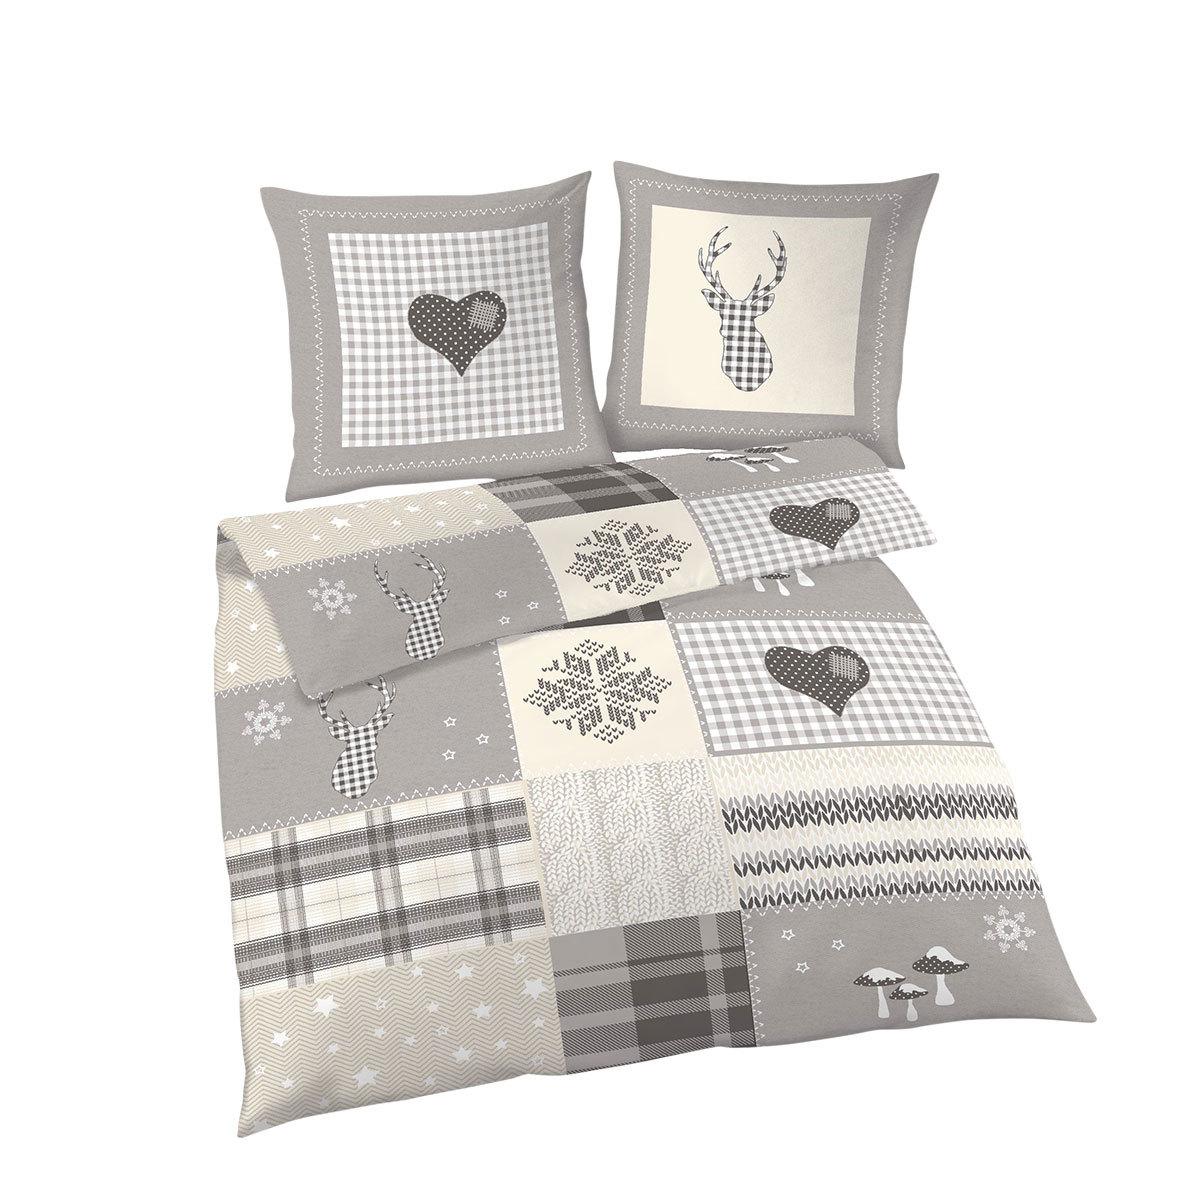 dobnig biber bettw sche weihnachten natur g nstig online kaufen bei bettwaren shop. Black Bedroom Furniture Sets. Home Design Ideas